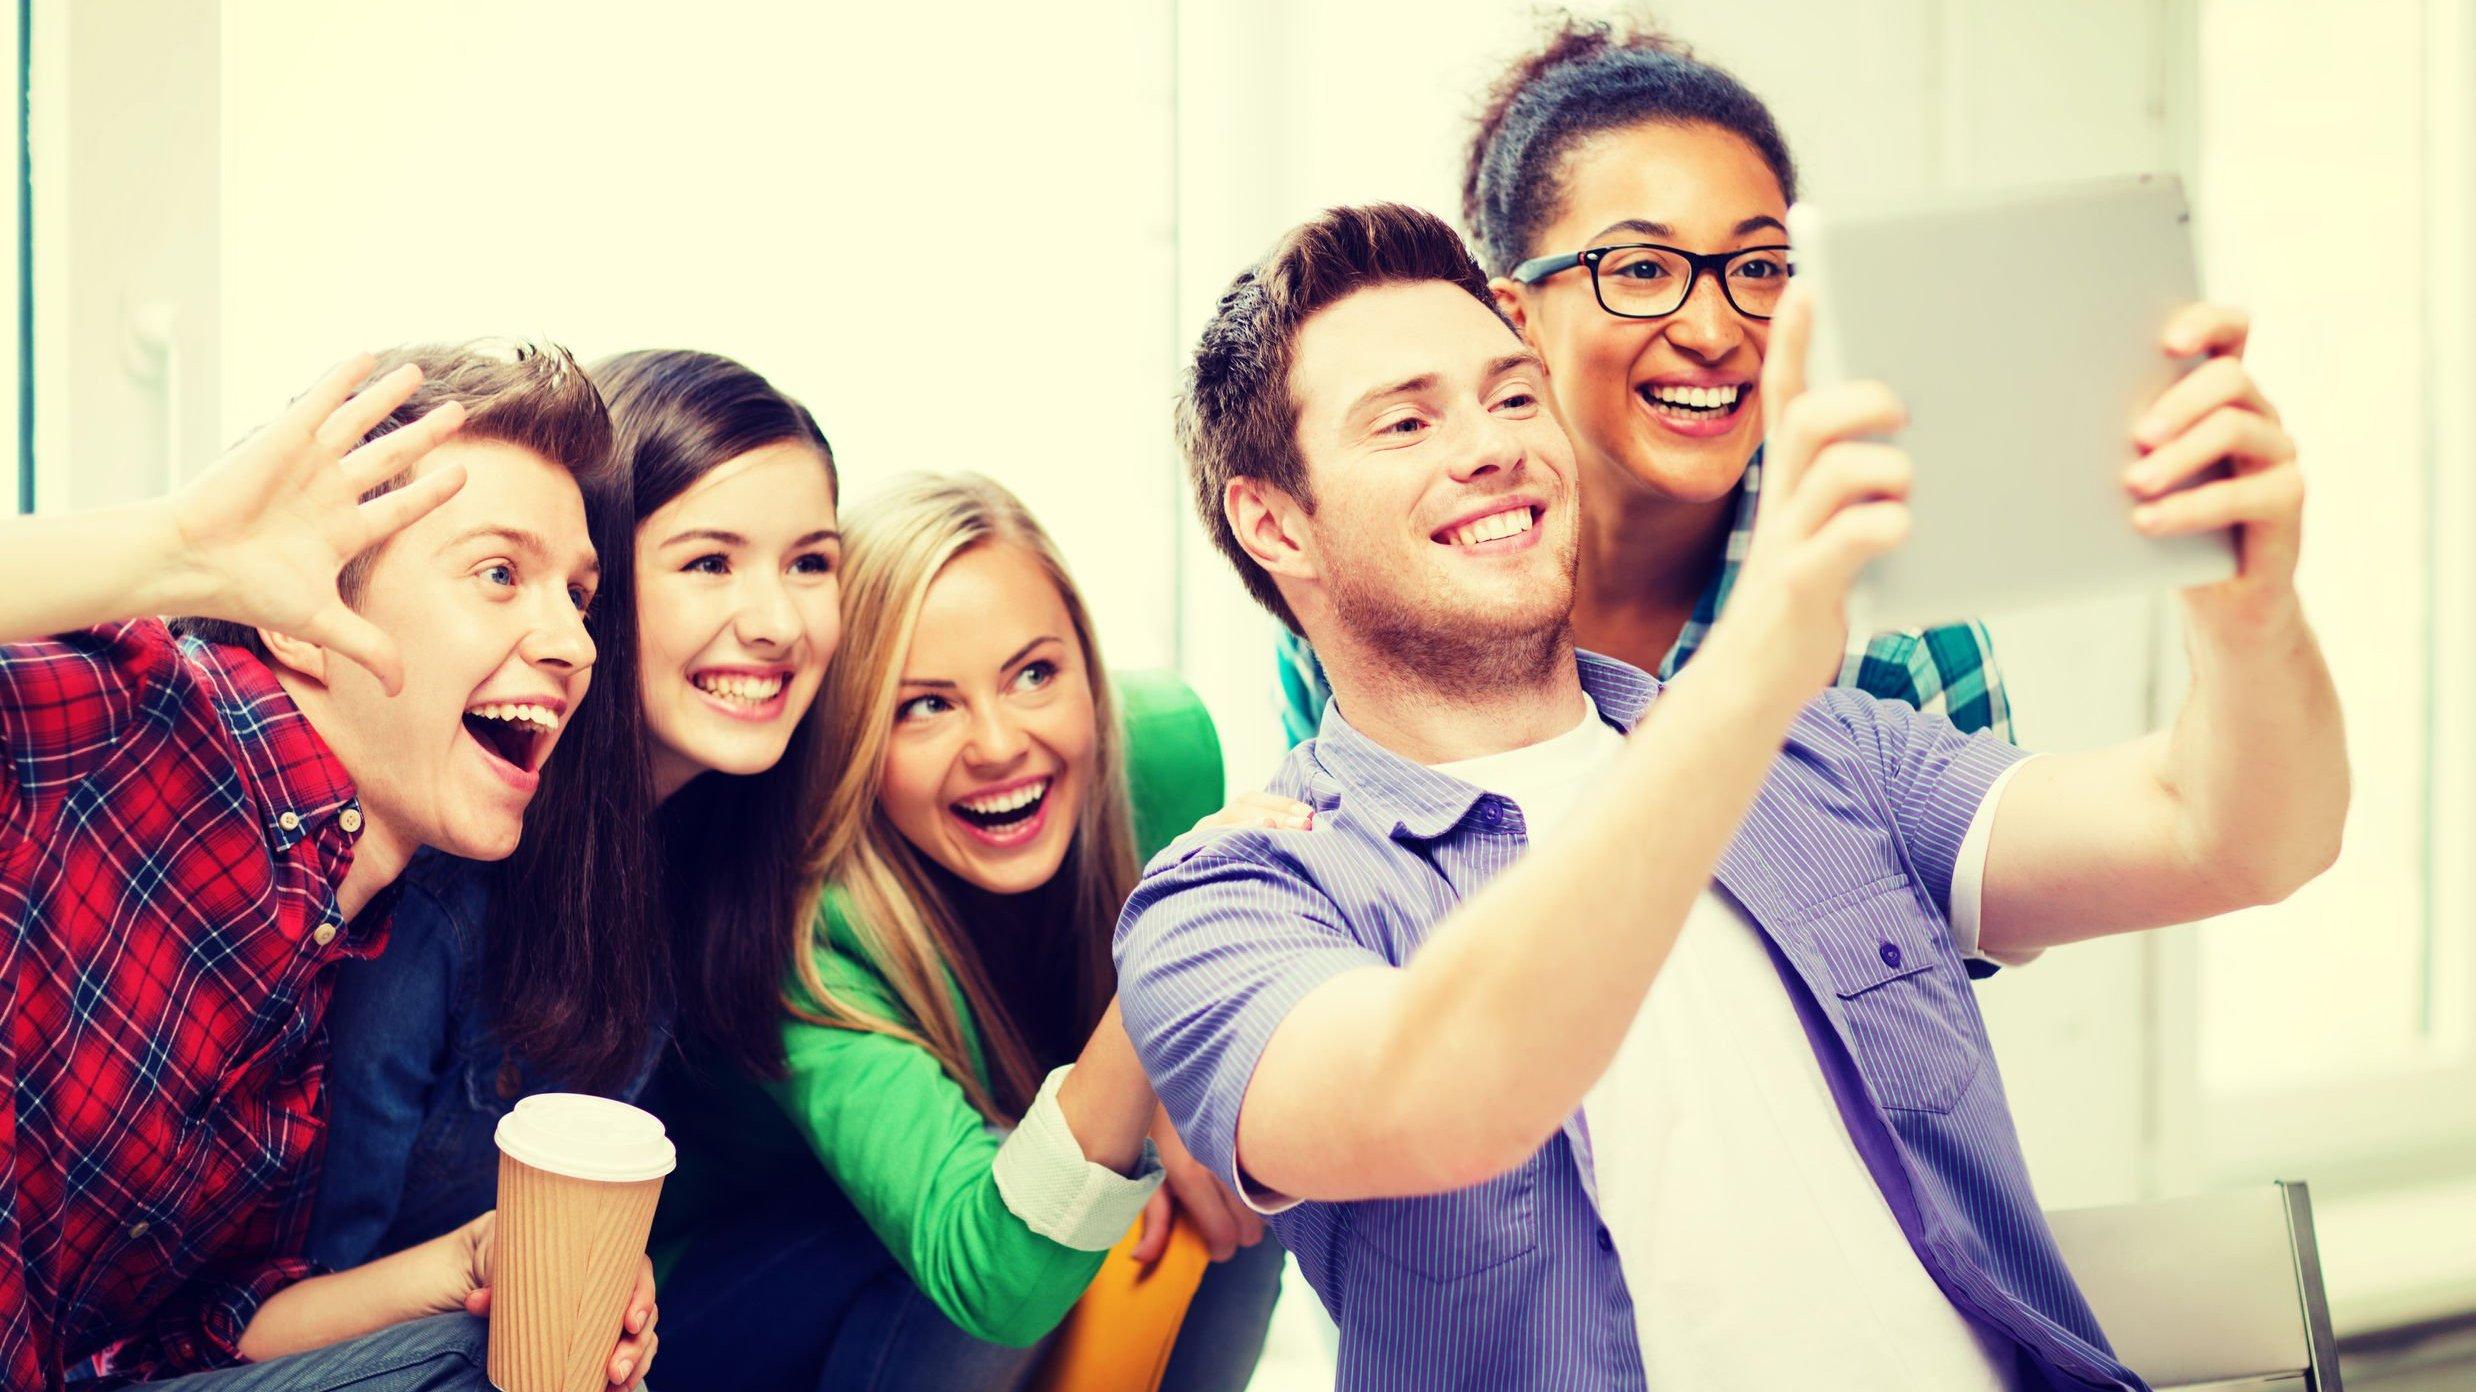 Grupo de amigos posando para uma selfie que o homem da frente irá tirar com um tablet.